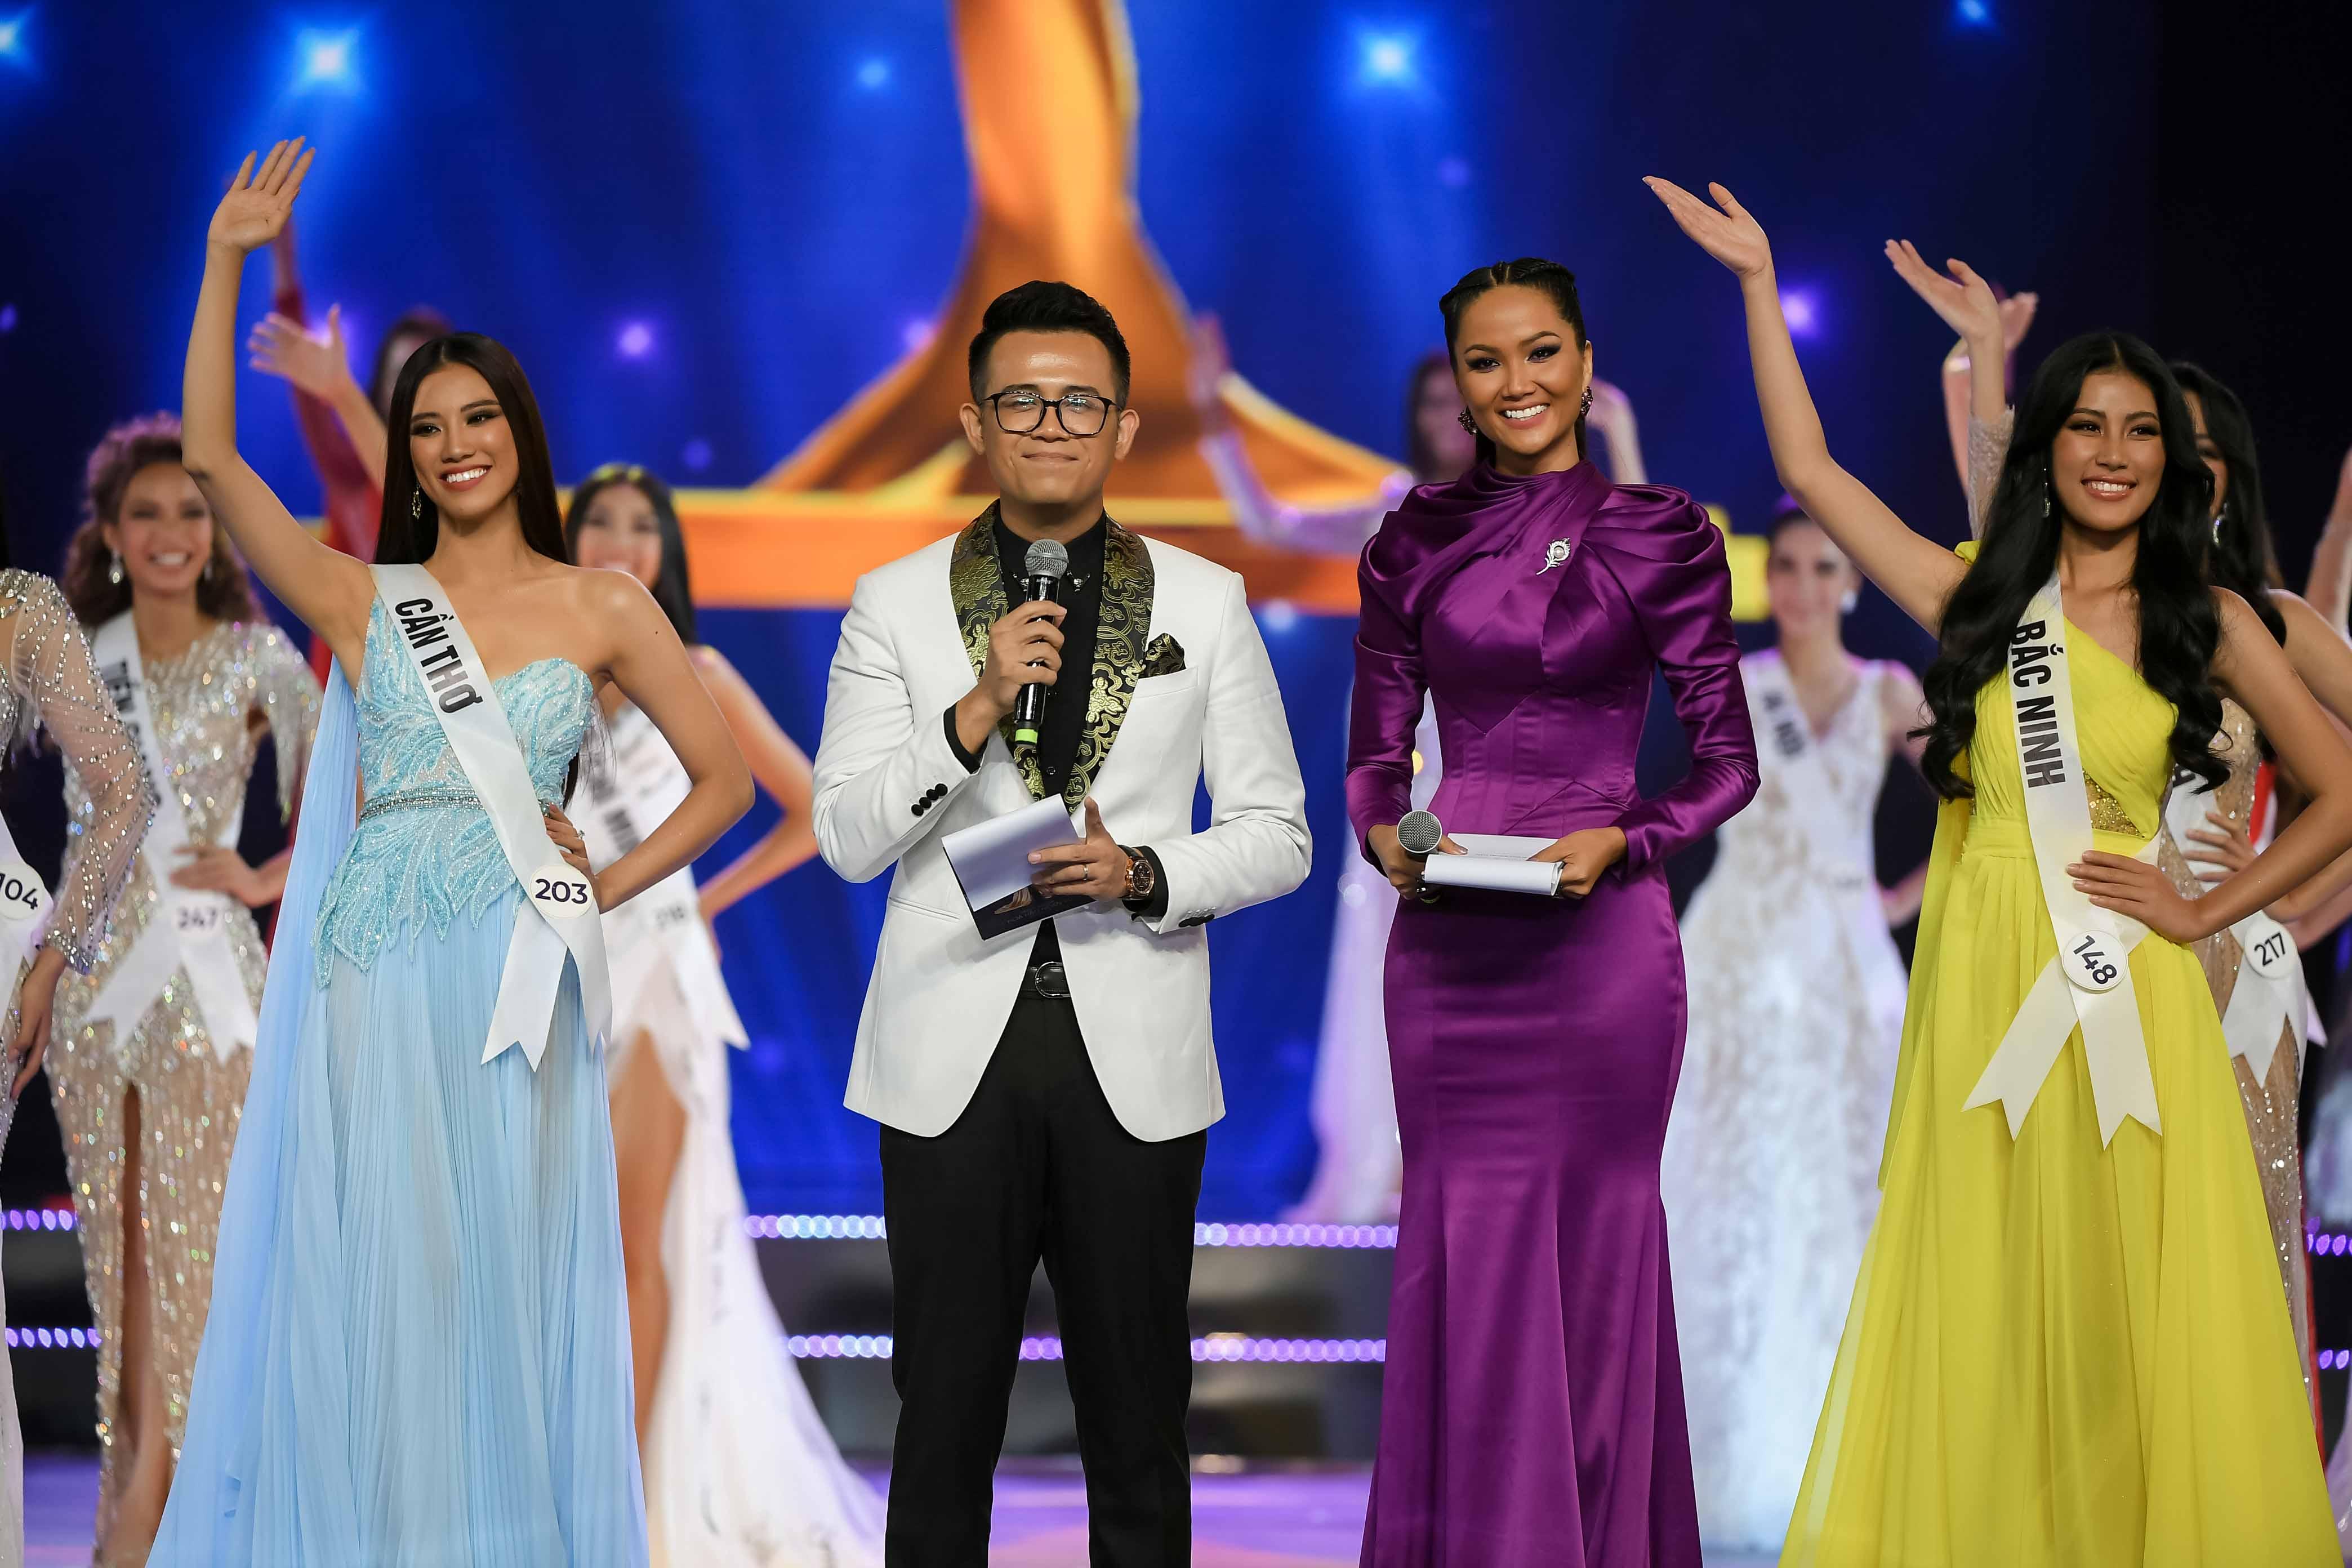 Đêm Bán kết Hoa hậu Hoàn vũ Việt nam 2019 diễn ra thành công tốt đẹp